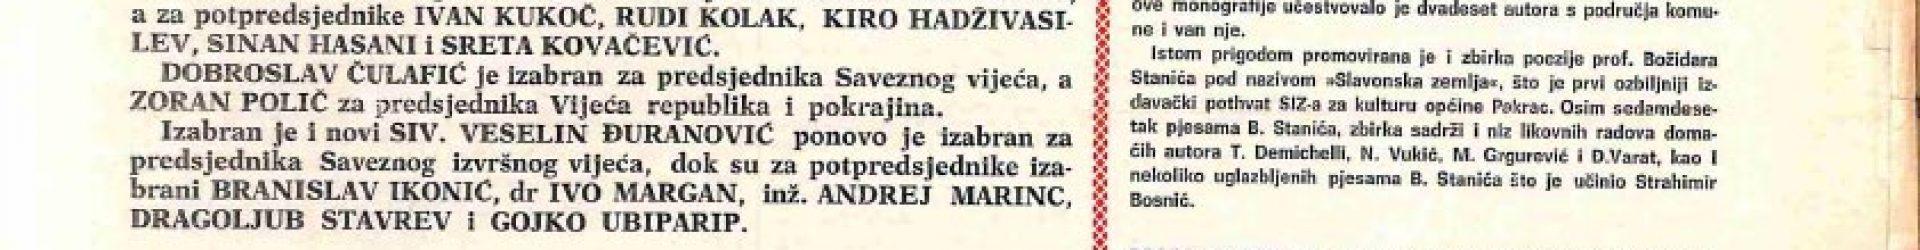 23 svibnja 1978